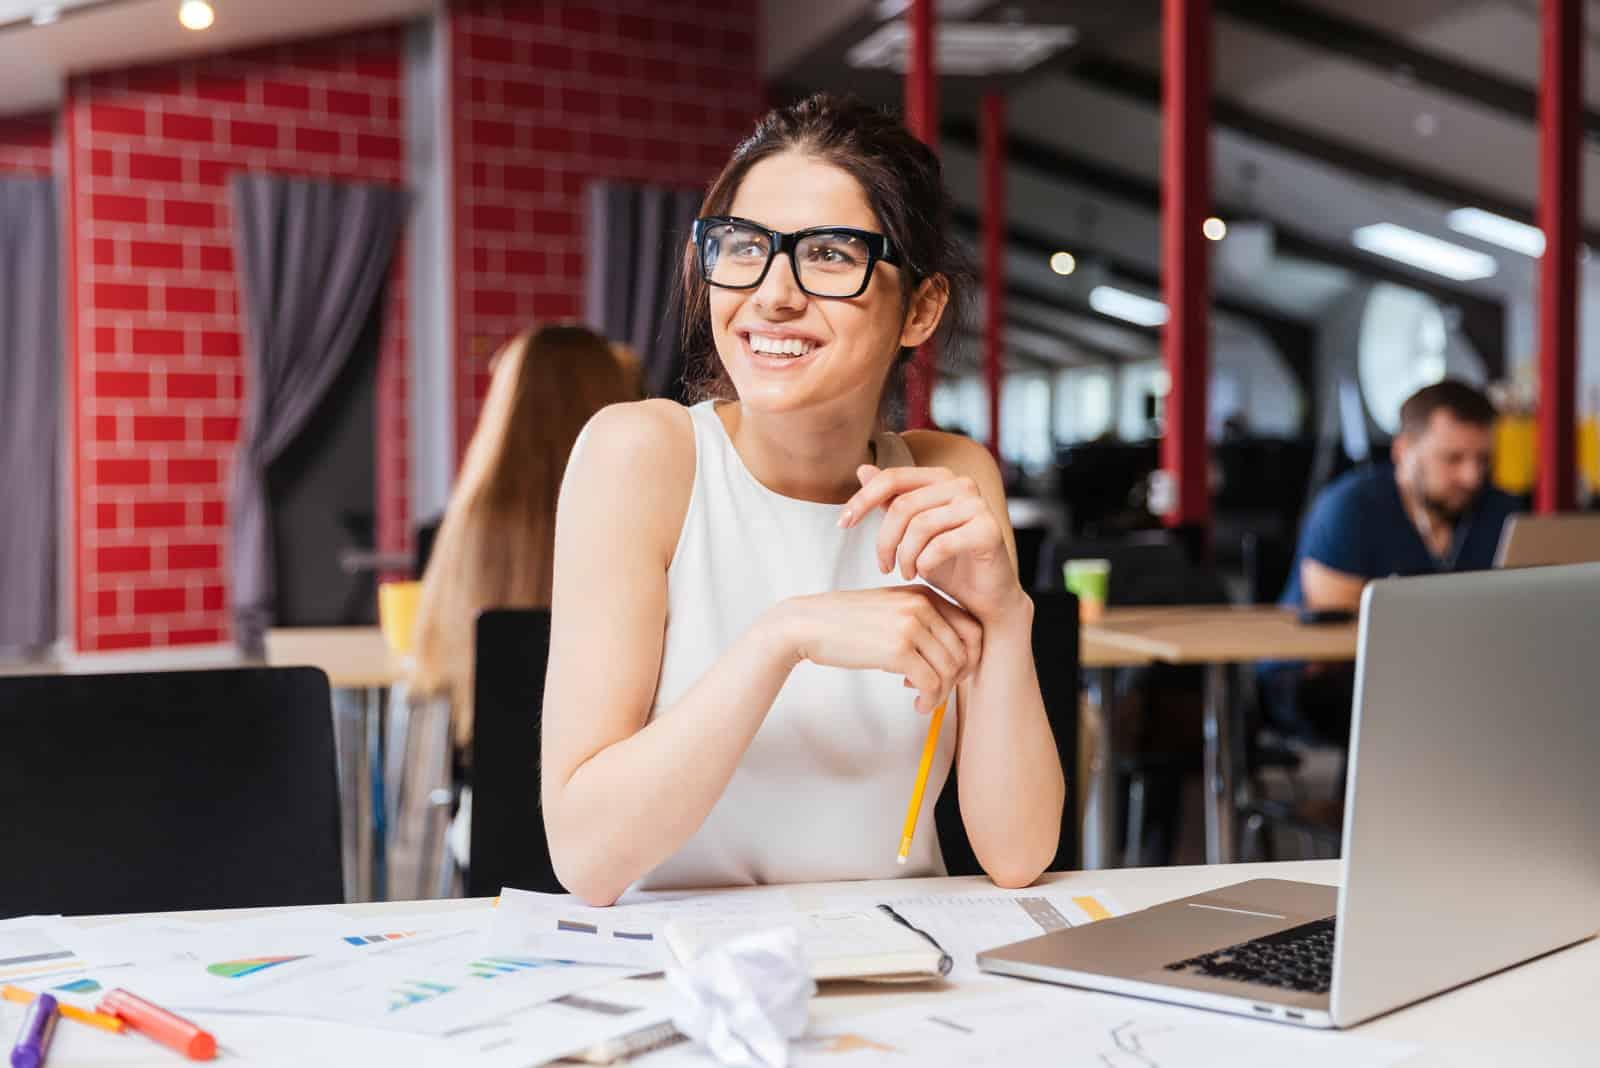 eine lächelnde frau sitzt an ihrem laptop und arbeitet